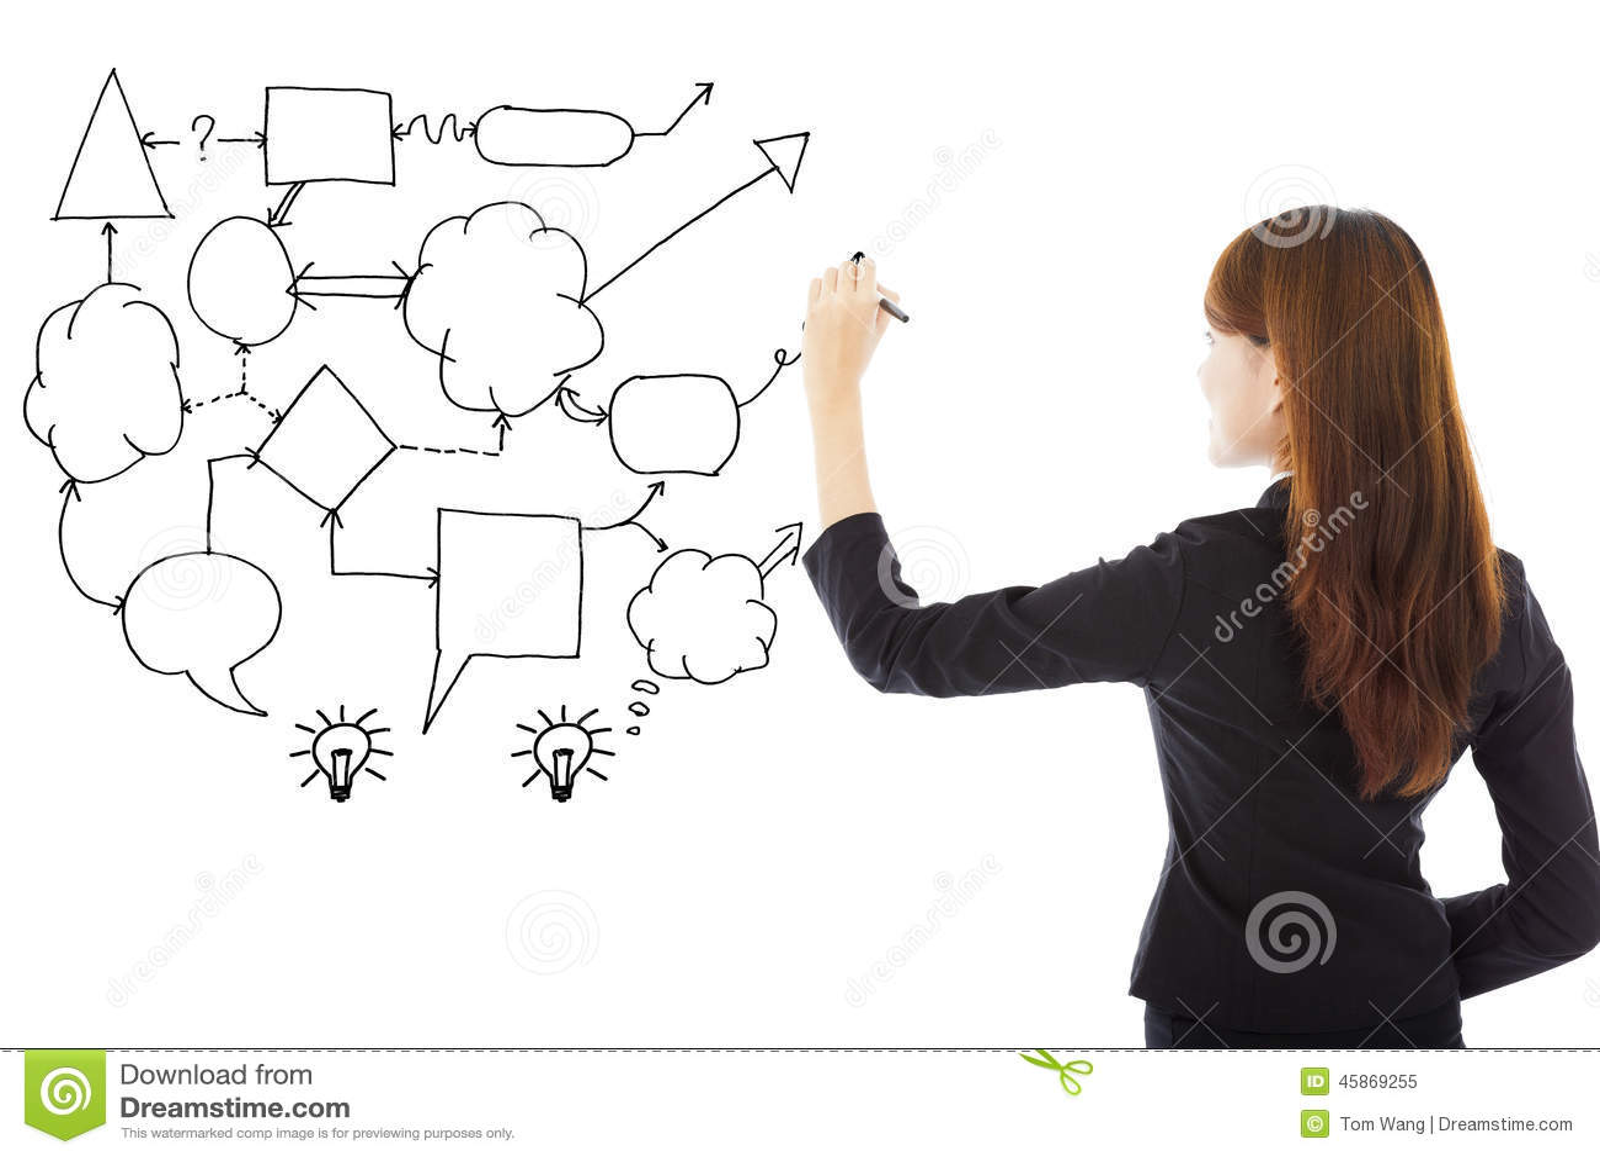 Idén för attraktion för handen för affärskvinnan och analysbegreppet diagram